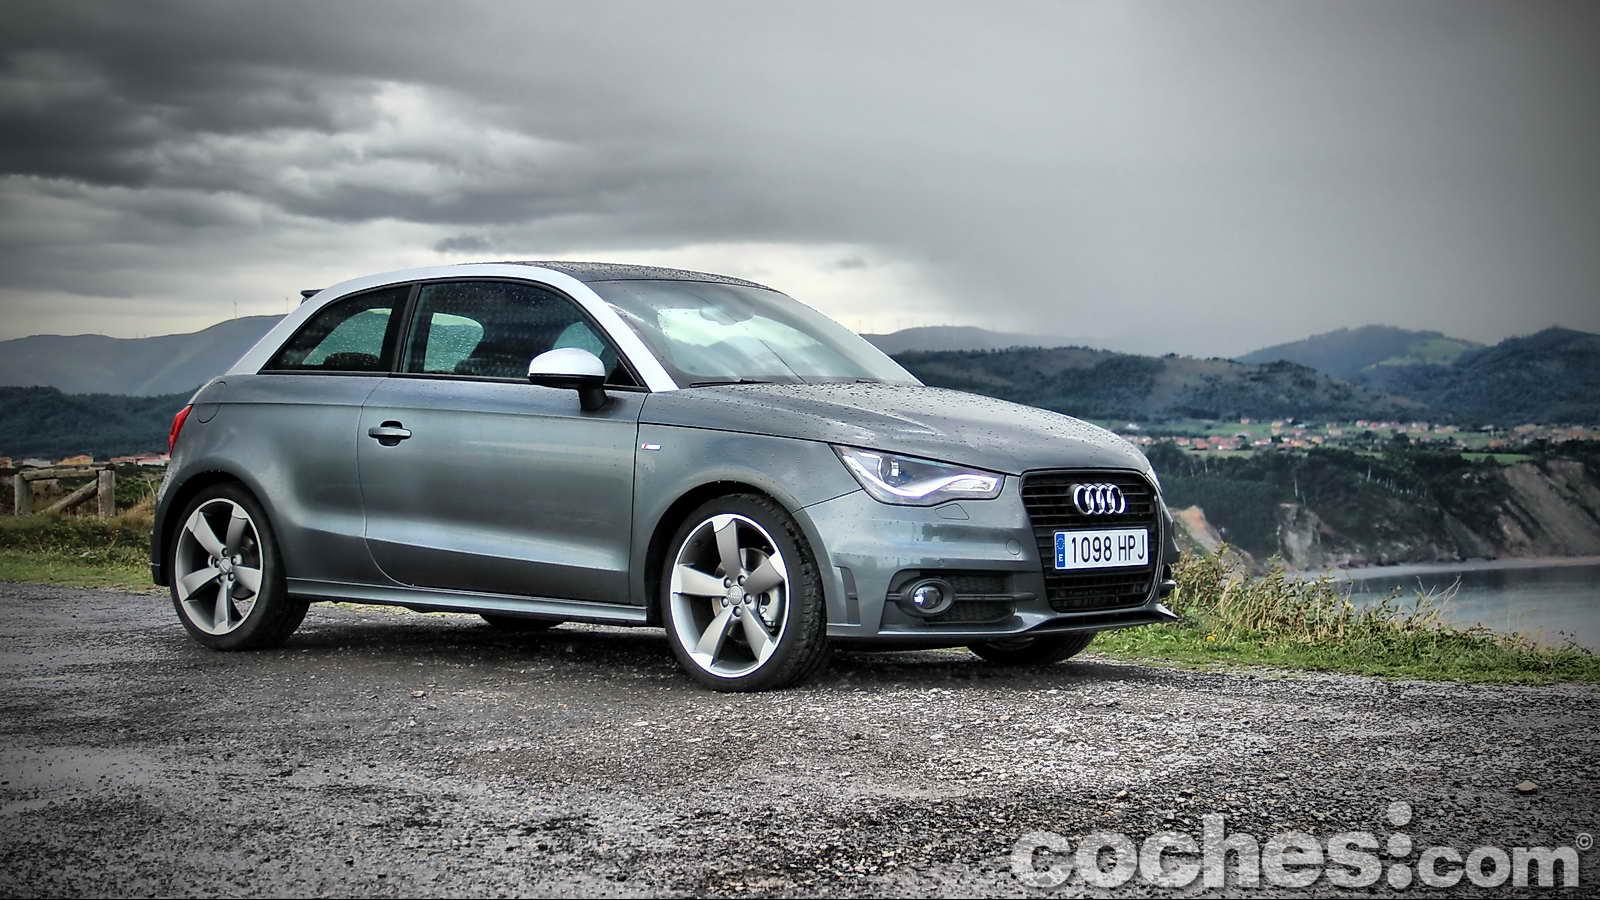 Audi_A1_1.4_TFSI_SLine_01